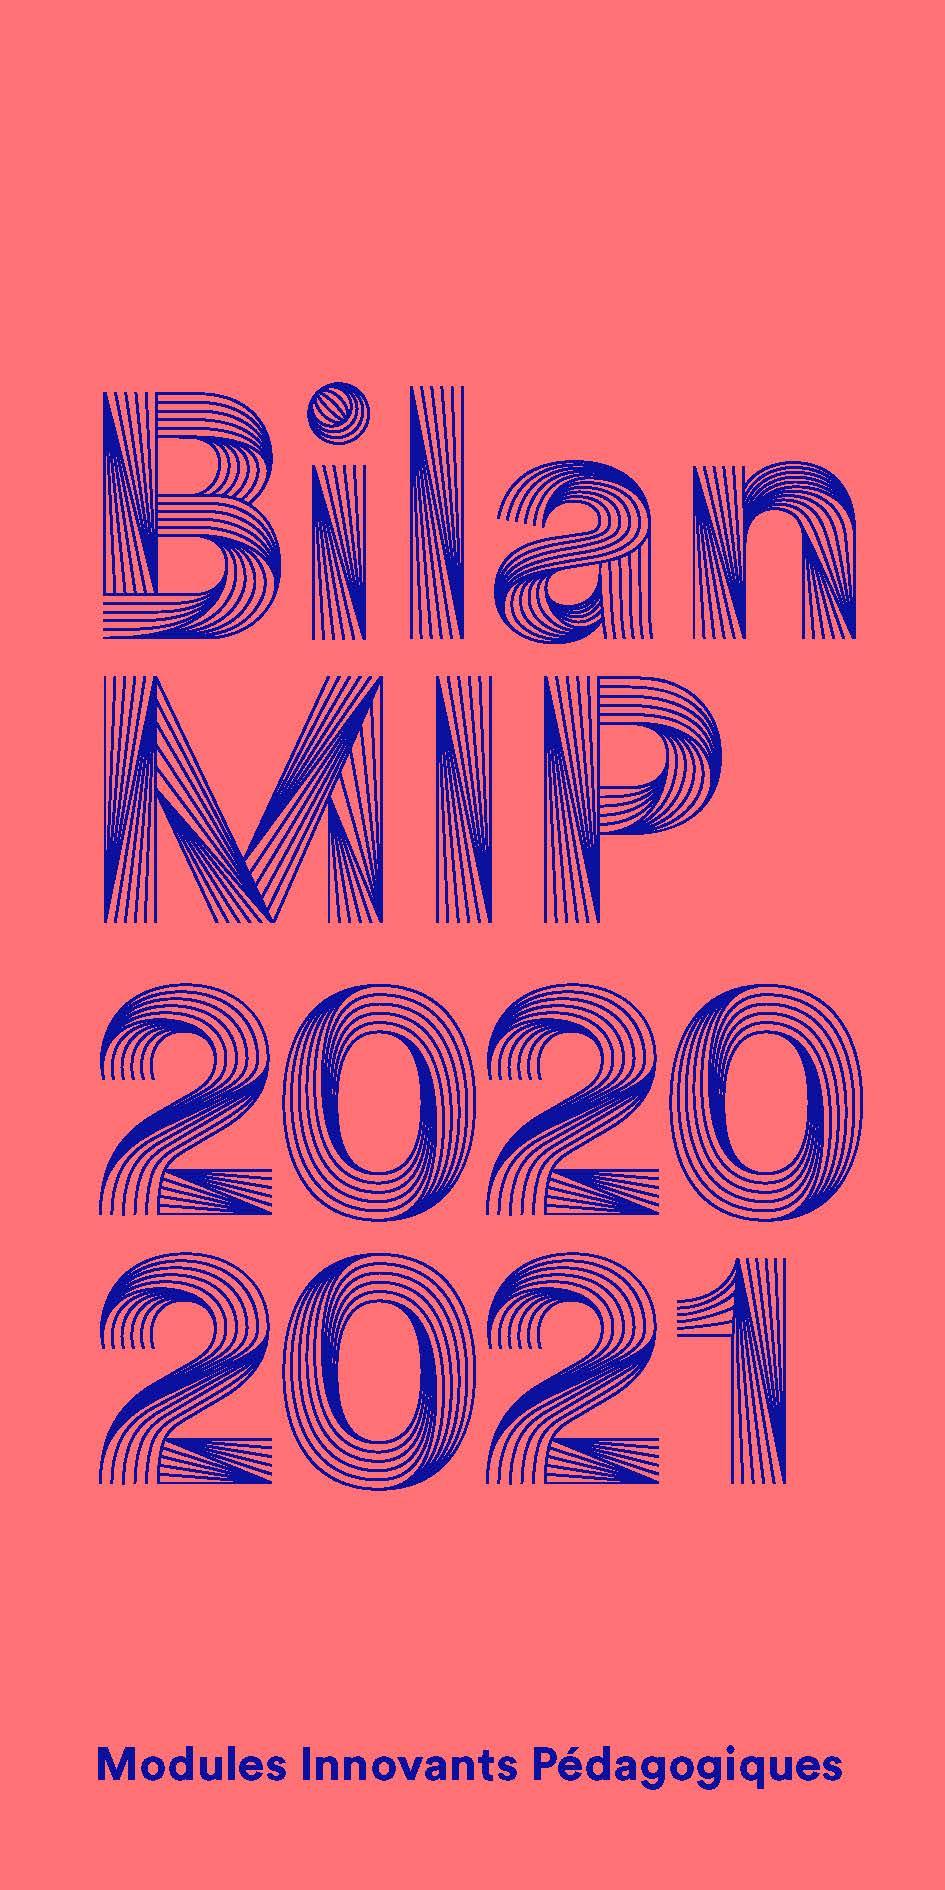 Bilan Modules Innovants Pédagogiques 2020-2021